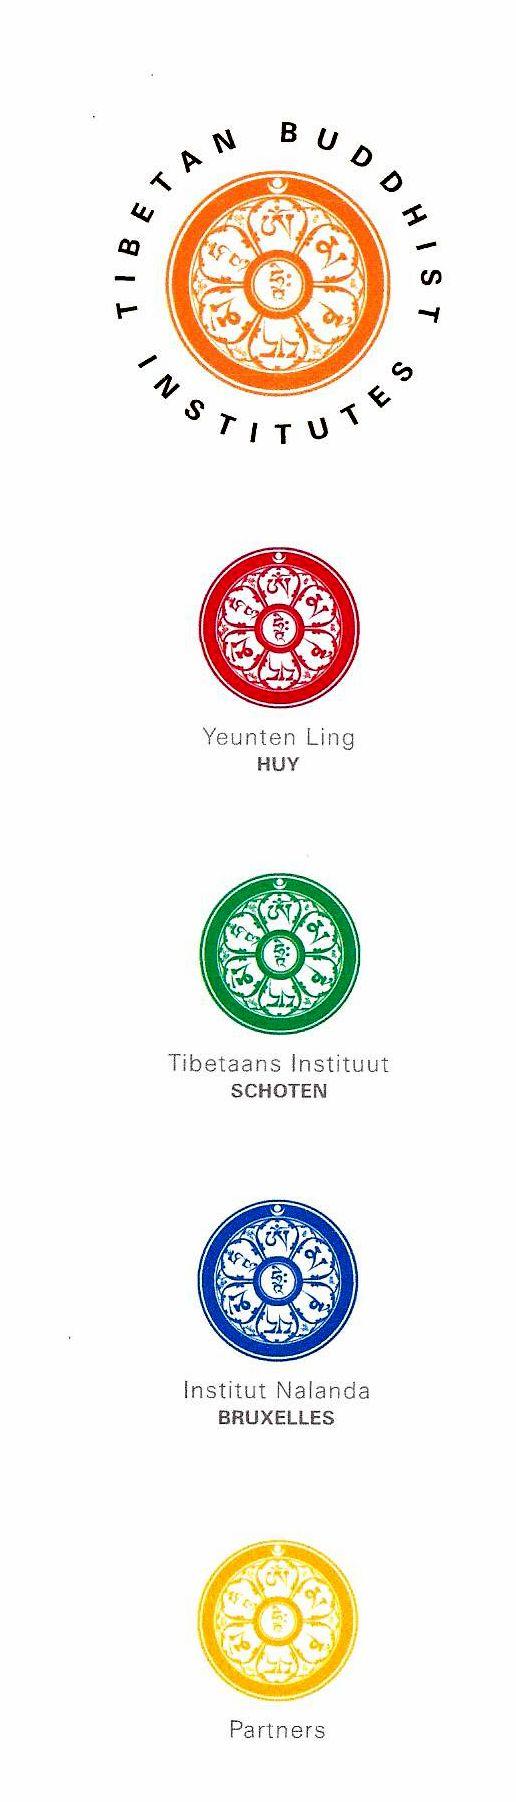 Tibetaans Instituut nieuwe naam en logo's